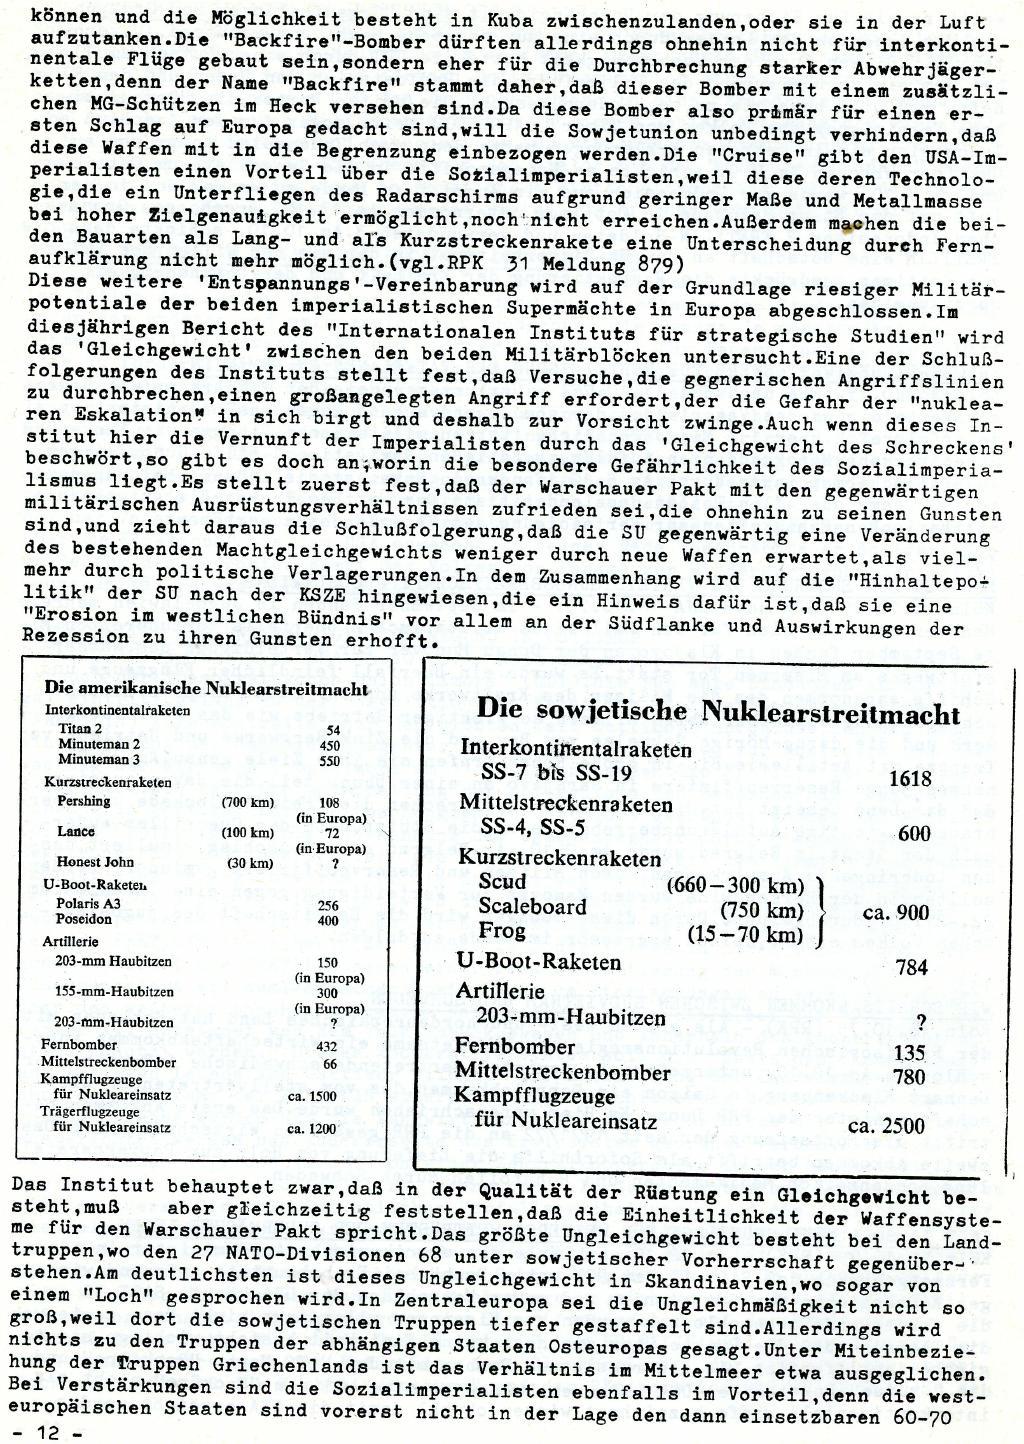 RPK_Pressedienst_1975_48_12